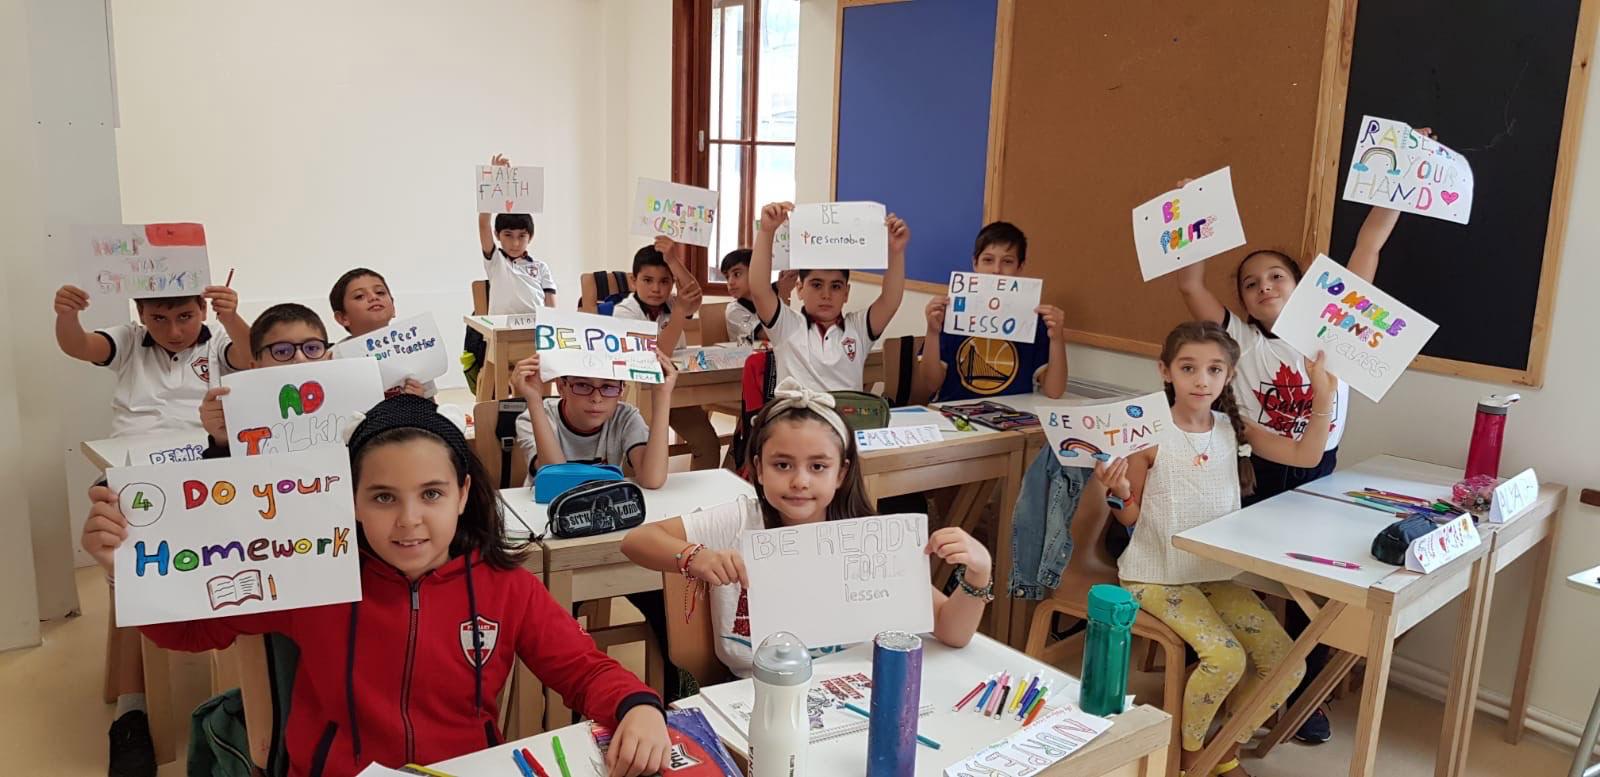 """Ayşen Karşıt; """"Uluslararası eğitim pazarında Türkiye'nin payı arttı"""""""